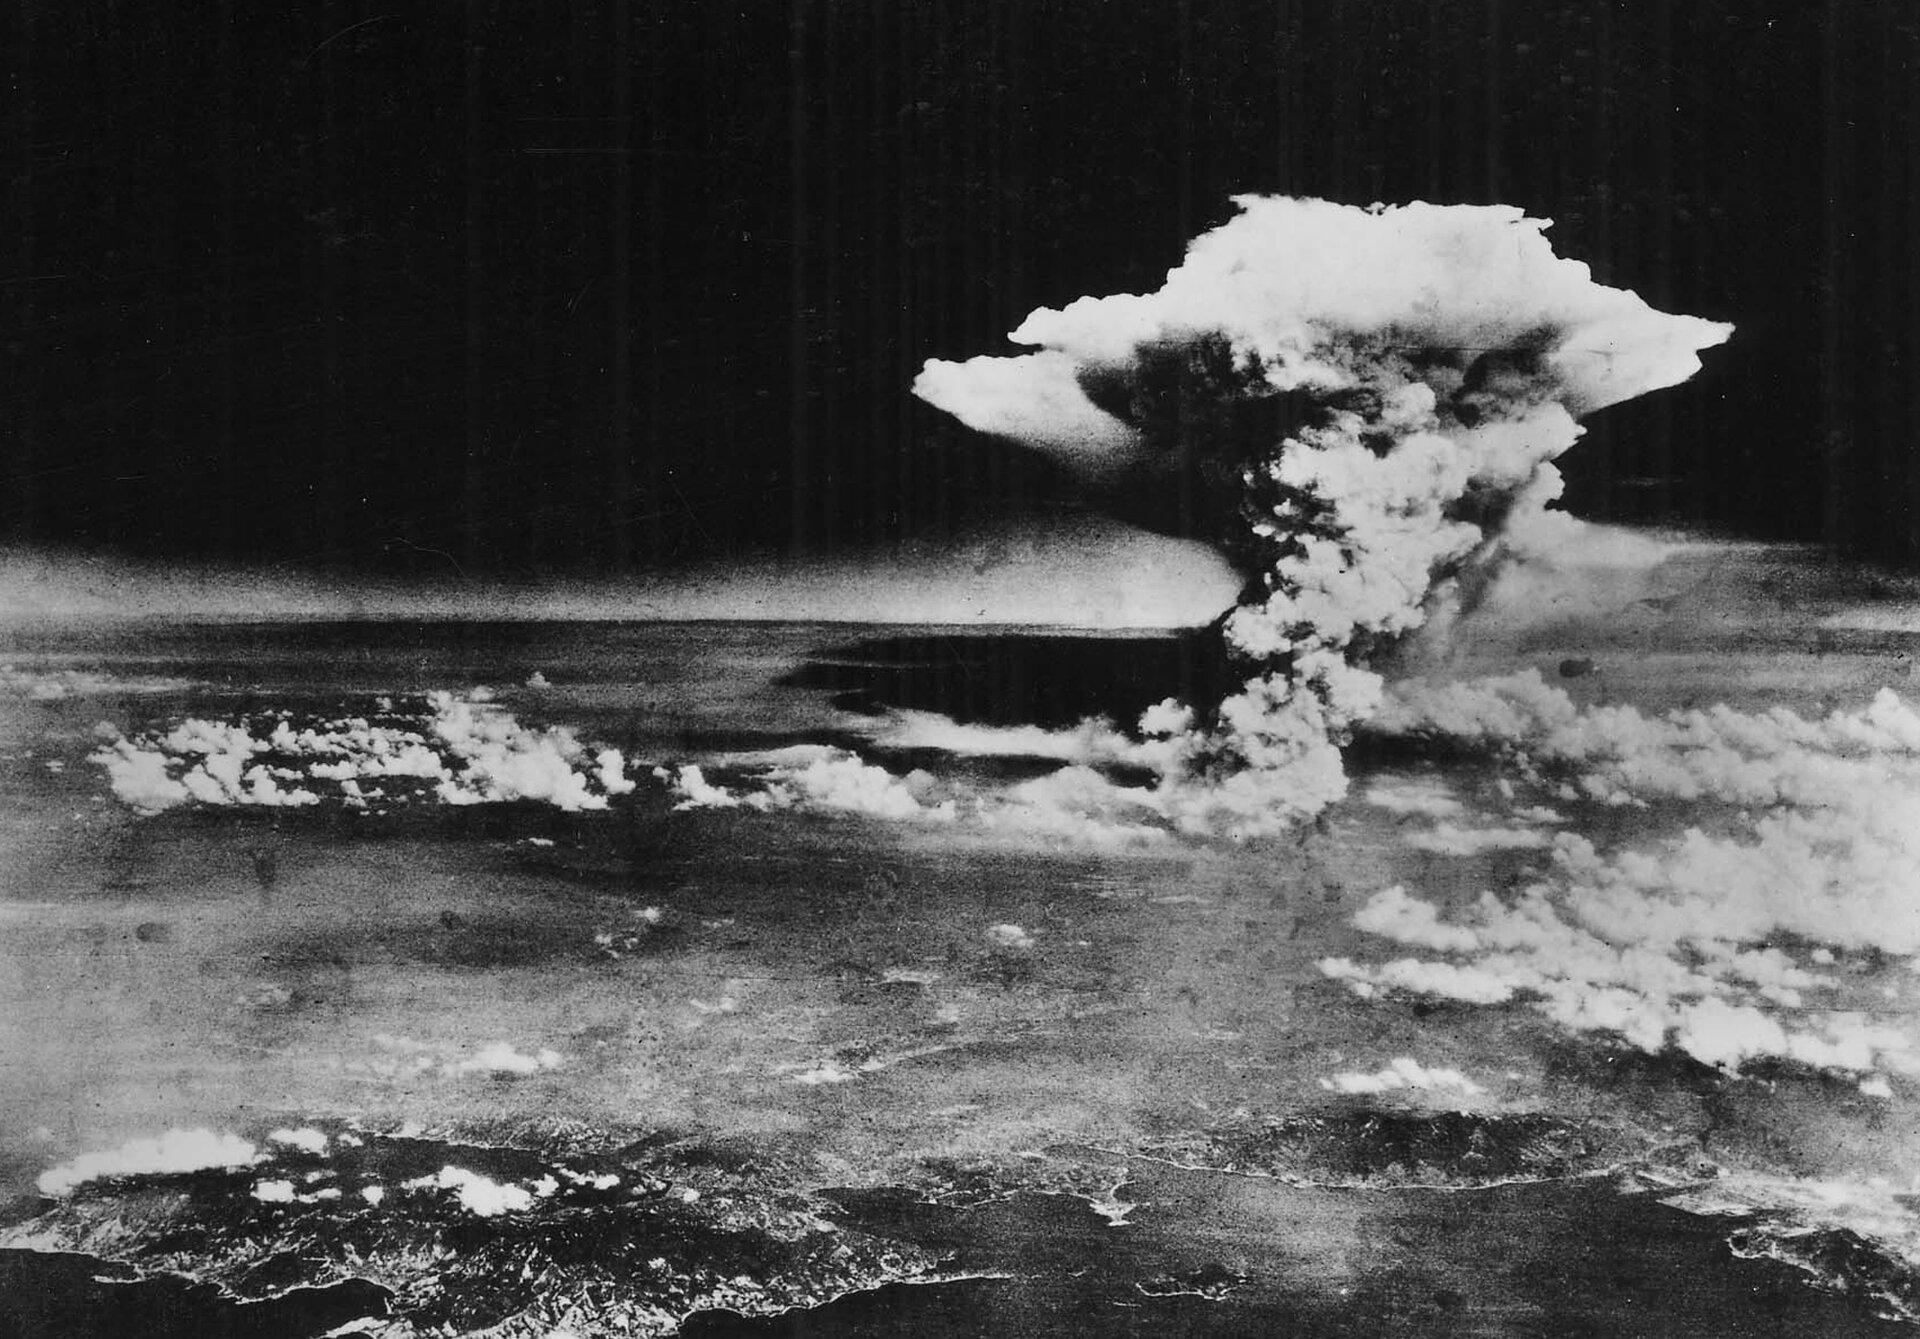 Czarno-białe zdjęcie nr 2 przedstawia chmurę atomową nad Hiroszimą. Chmura pyłów wznosi się wysoko nad powierzchnię Ziemi. Szare uniesione pyły tworzą chmurzę wkształcie grzyba. Pionowa noga grzyba rozszerza się ku górze tworząc kopułę.